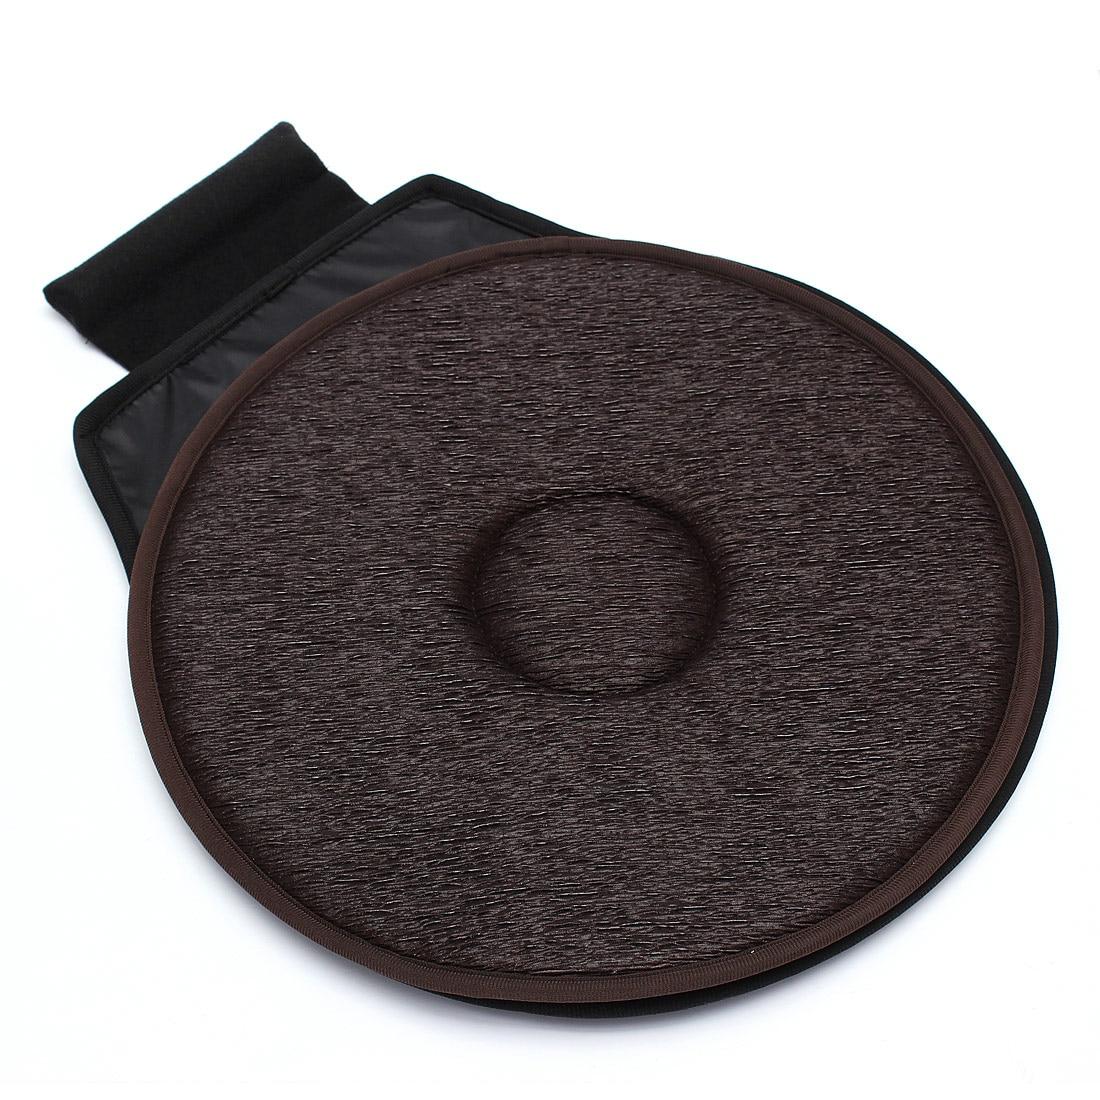 Antideslizante asiento de coche giratorio rotación giratoria cojín de espuma ayuda a la movilidad asiento en la silla empate en Pad Dark marrón-enlace VIP